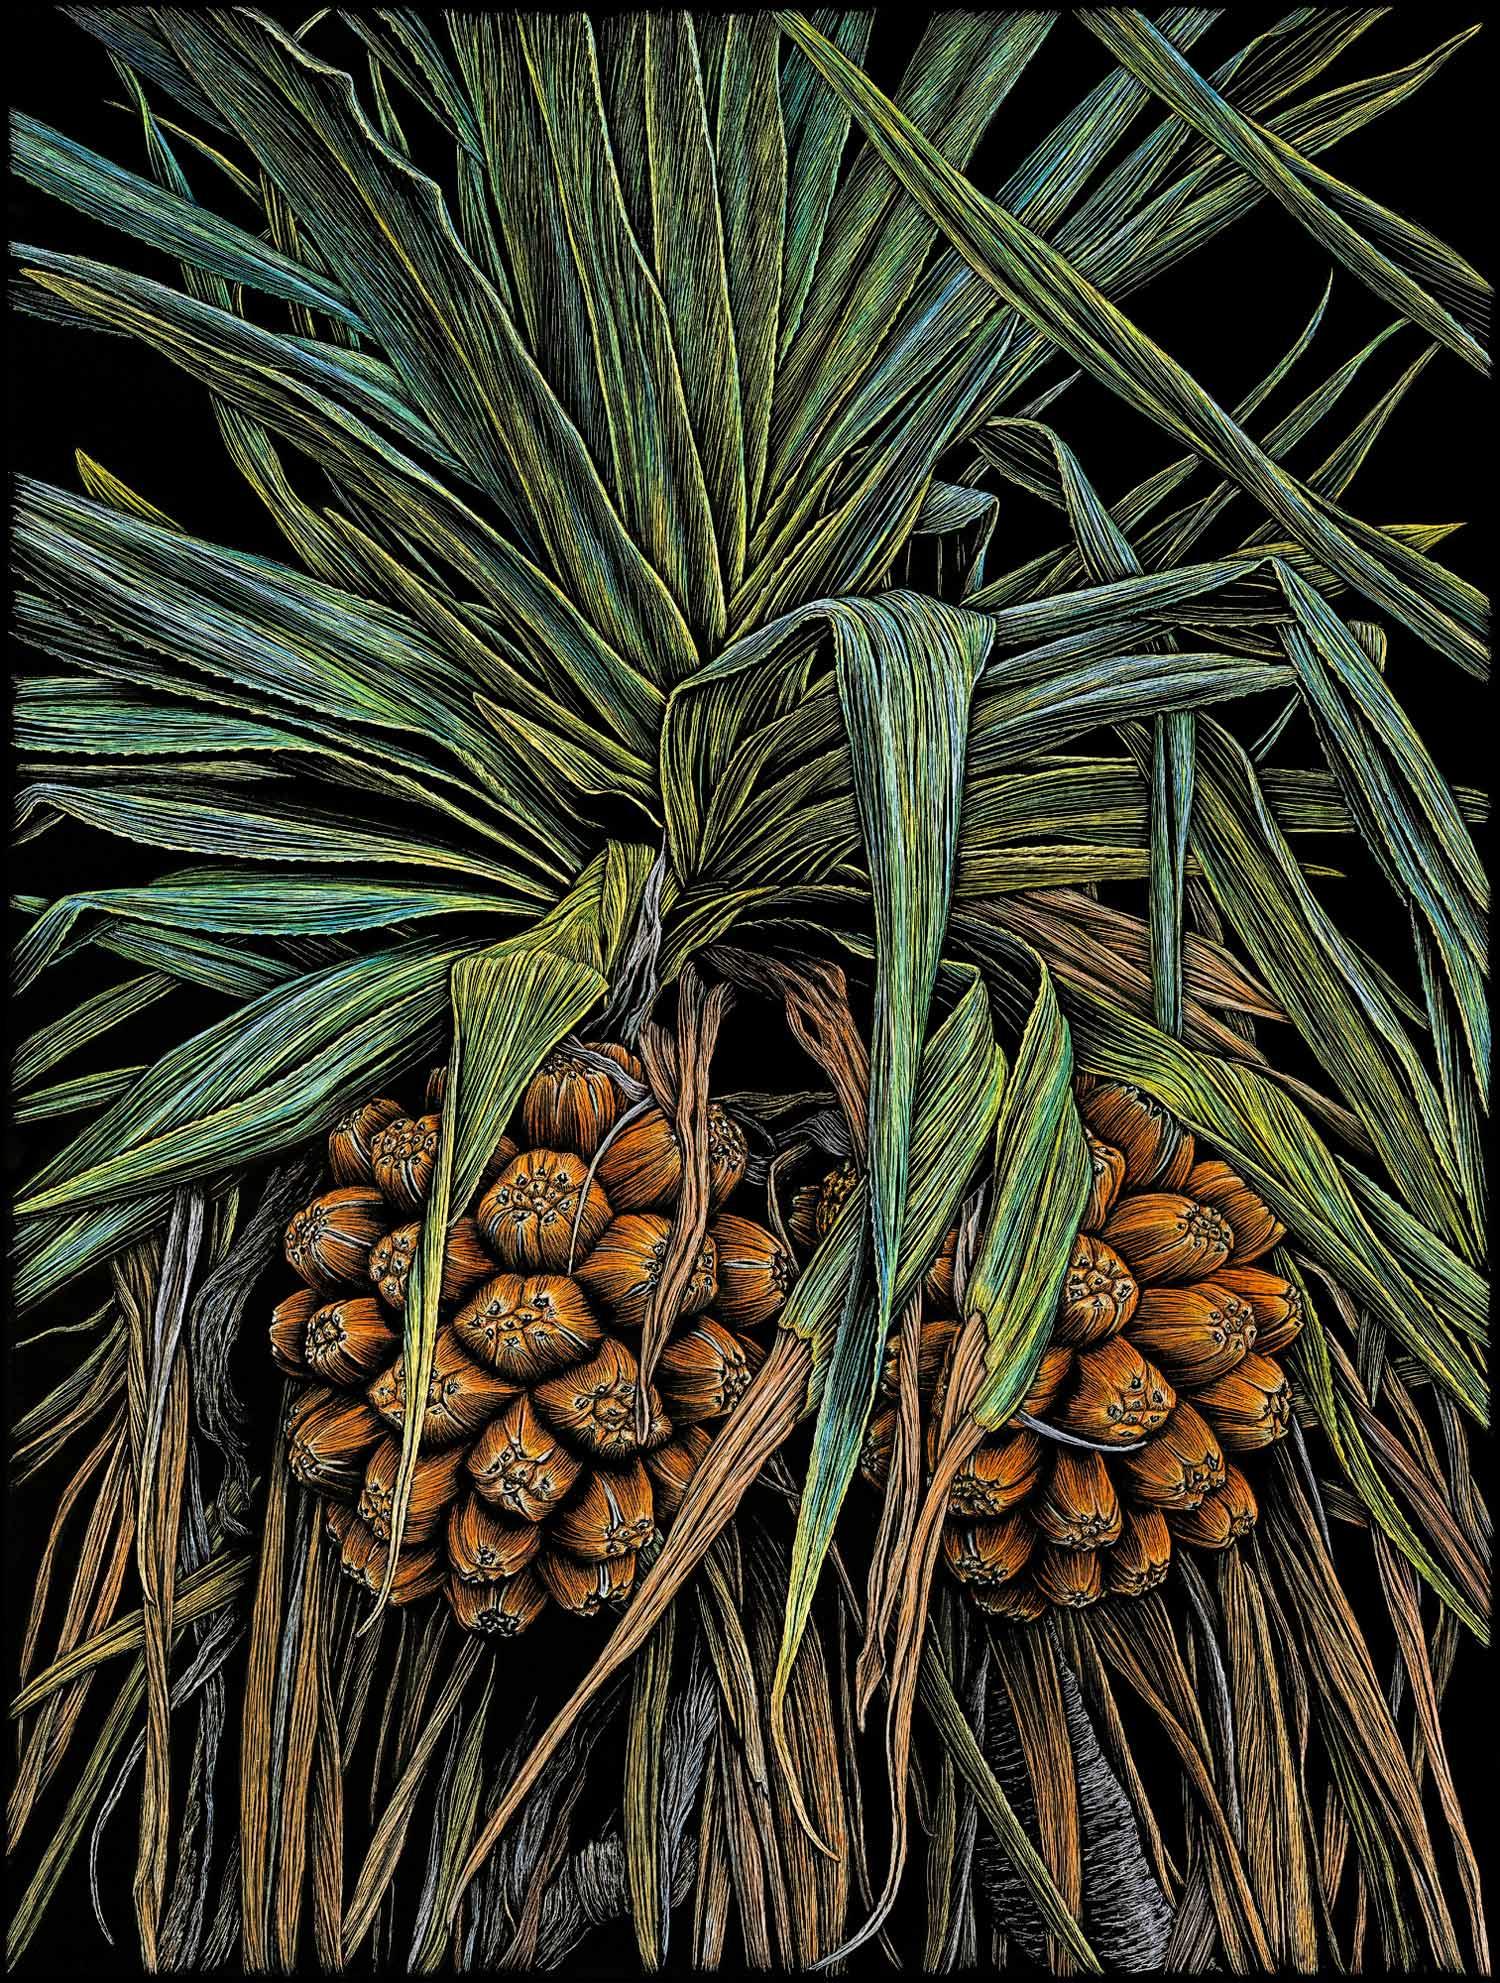 Pandanus Palm Beach (colour version)  76 x 57 cm Edition of 50  PIGMENT ON COTTON RAG PAPER  $1,350